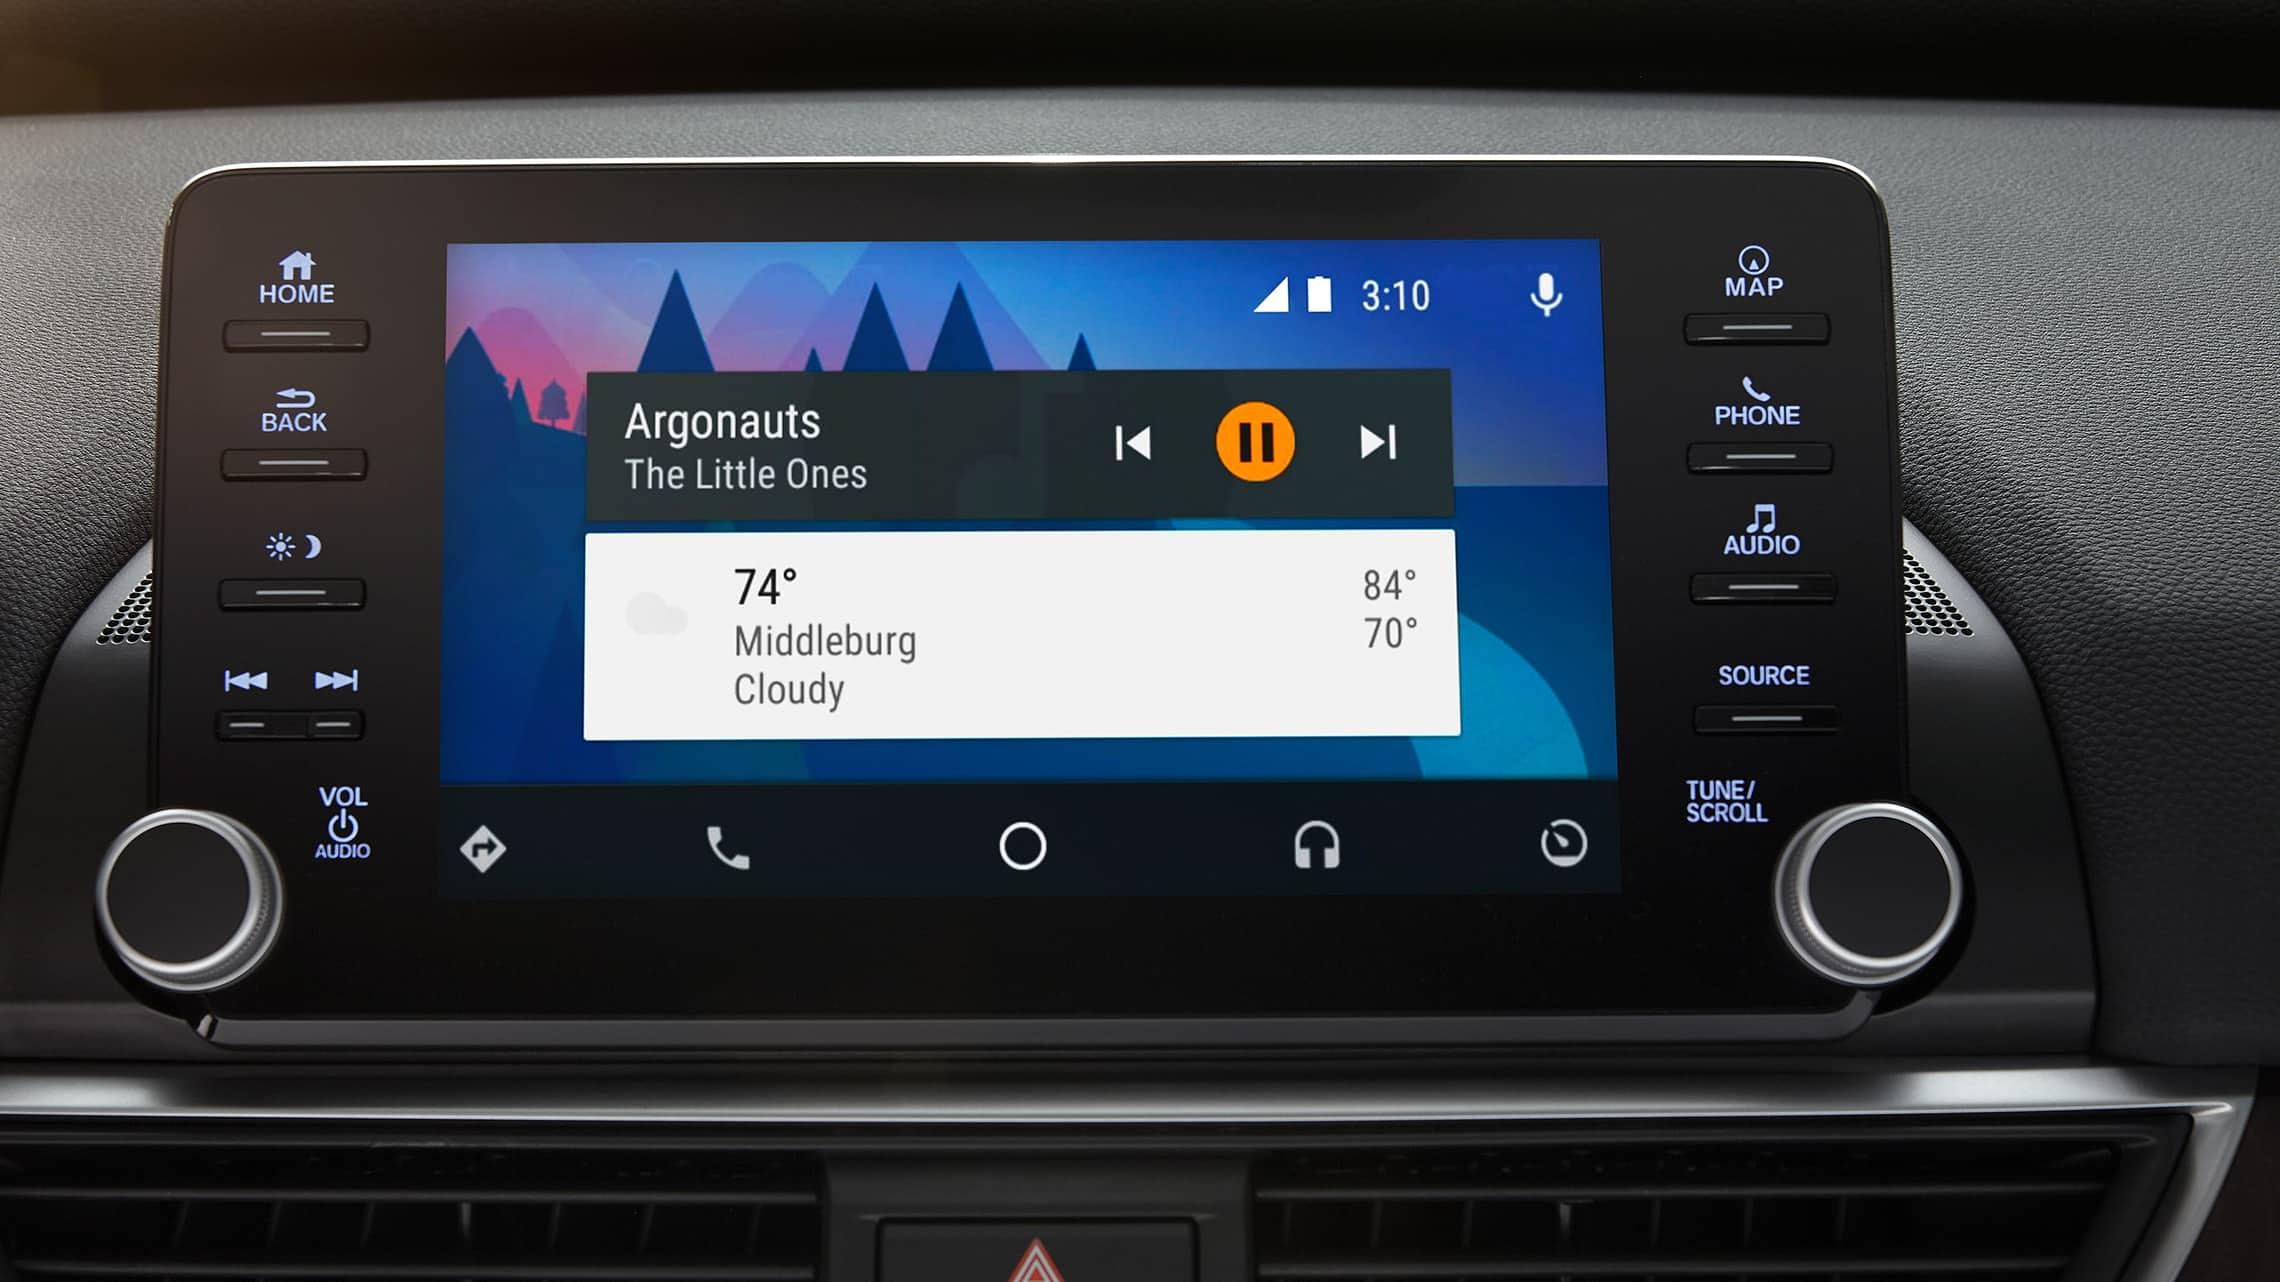 Detalle de la integración con Android Auto™ en el sistema de audio en pantalla táctil del Honda Accord Touring2.0T2020.